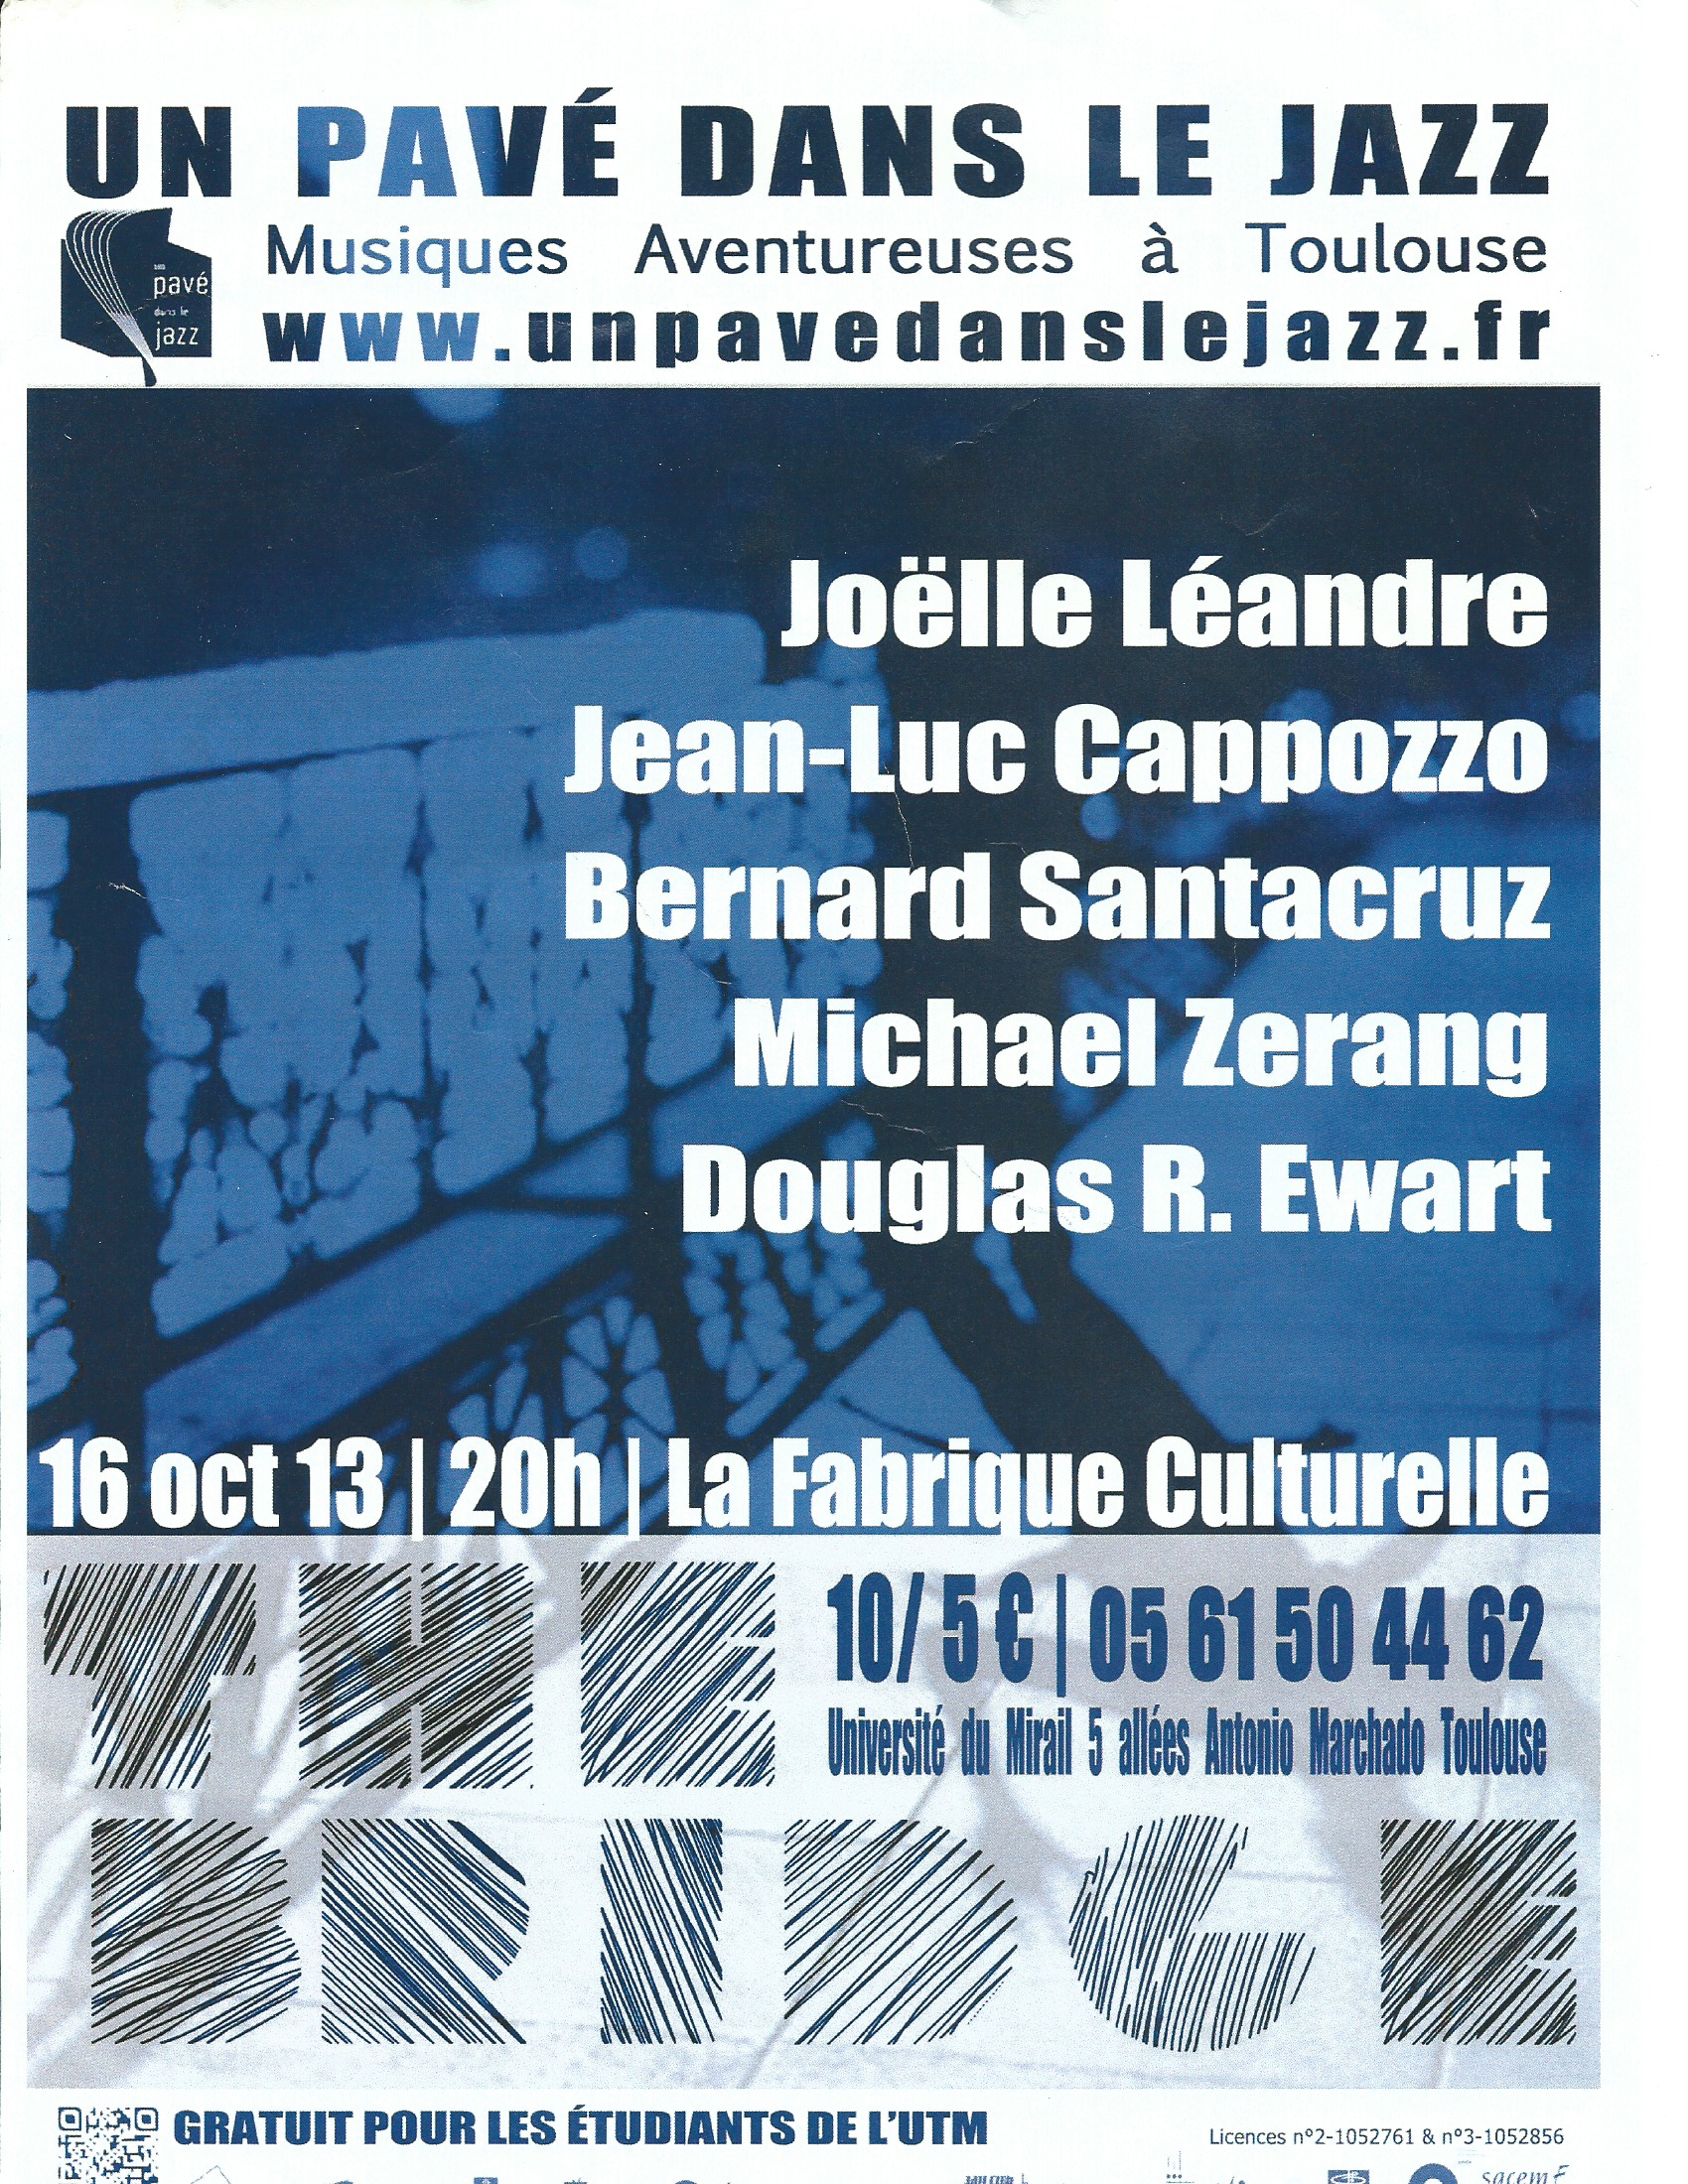 Un pave dans le Jazz poster – Oct. 16 2013